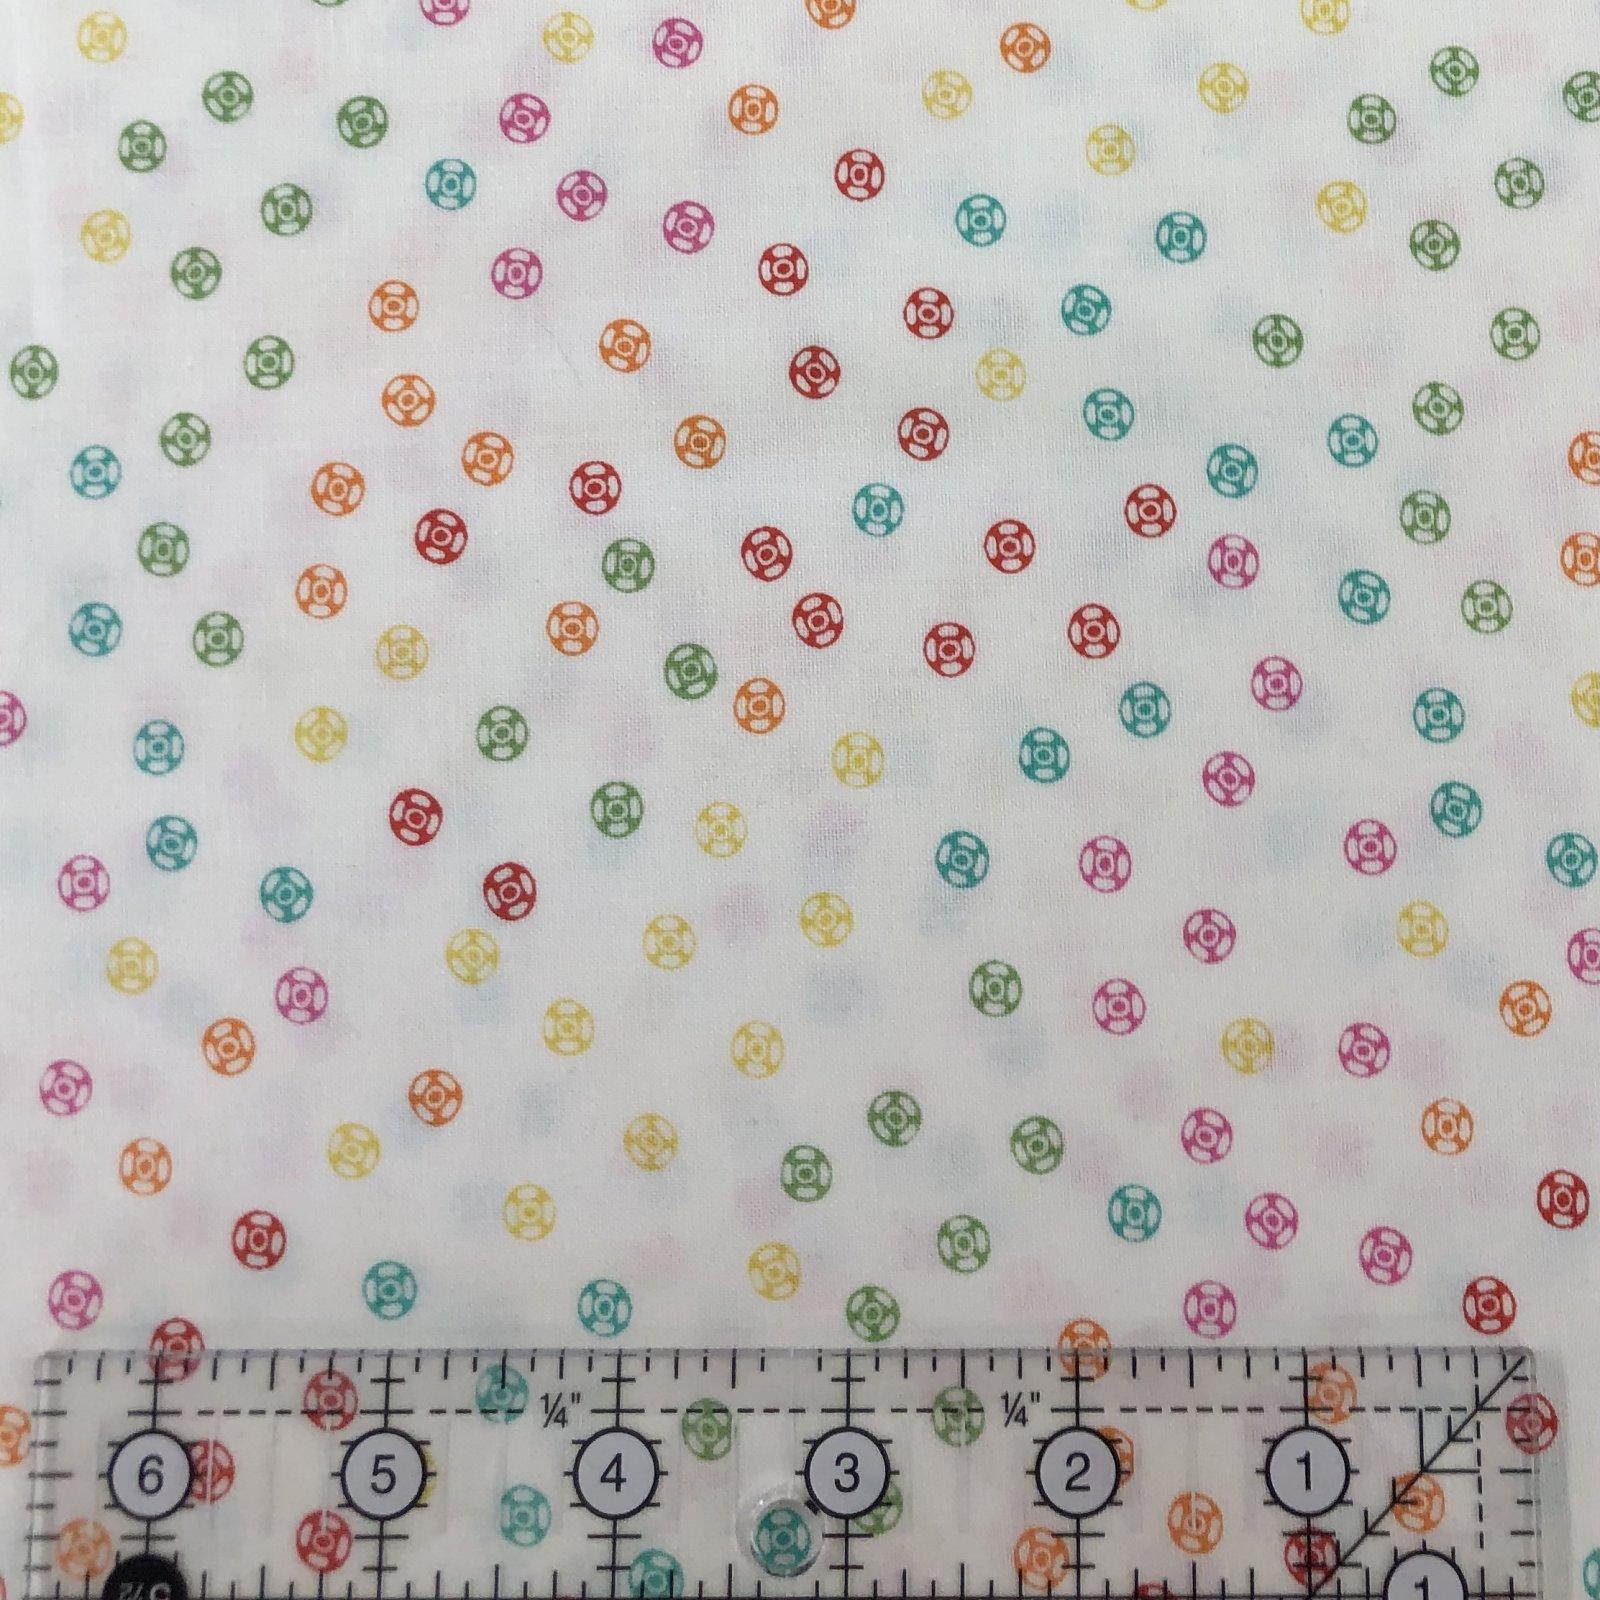 1 Meter Cut Moda Fabrics Sewing Box 10017